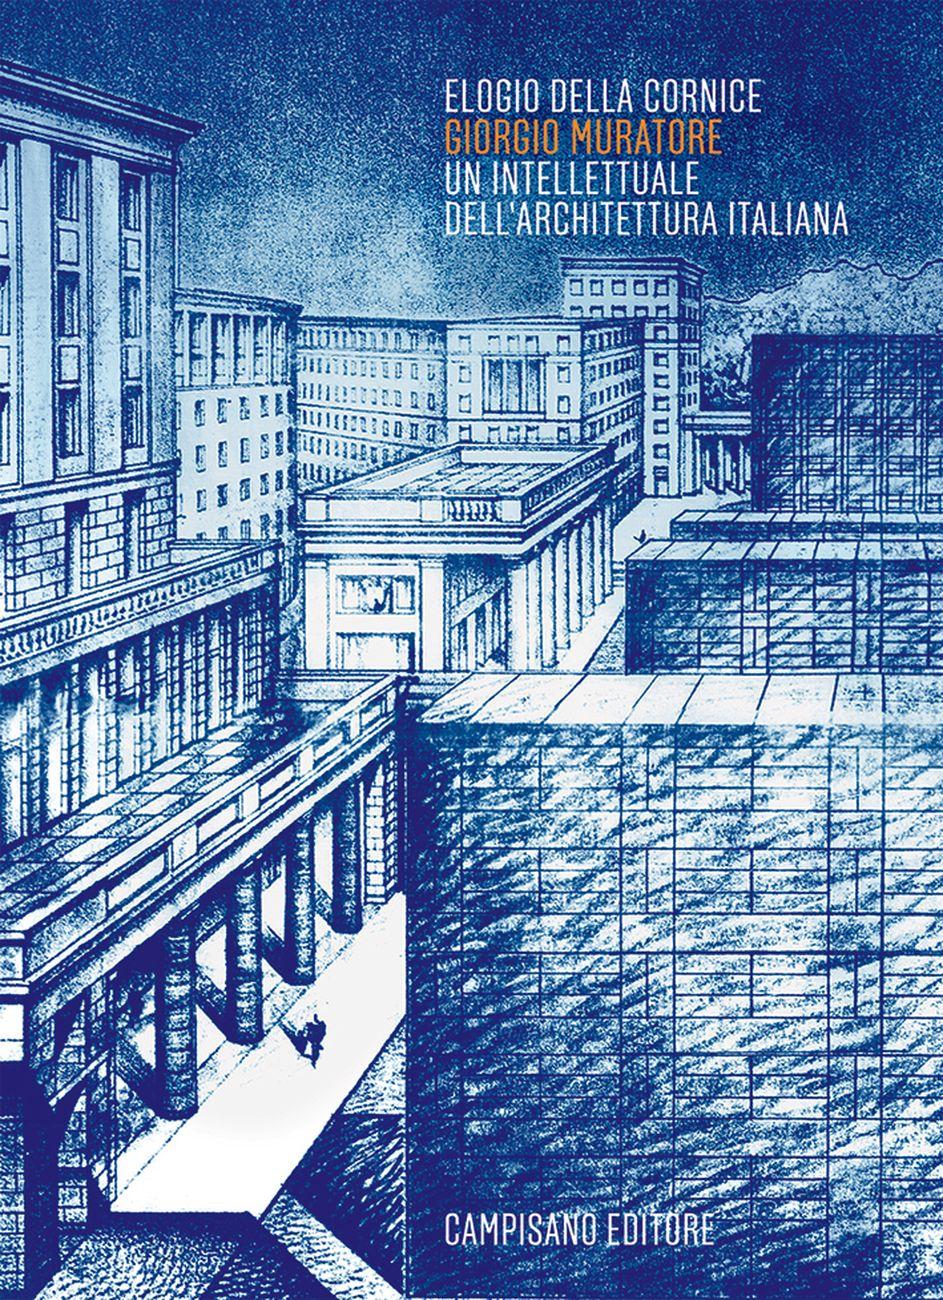 Studio Di Architettura In Inglese 16 libri di architettura da leggere nel 2019 | artribune